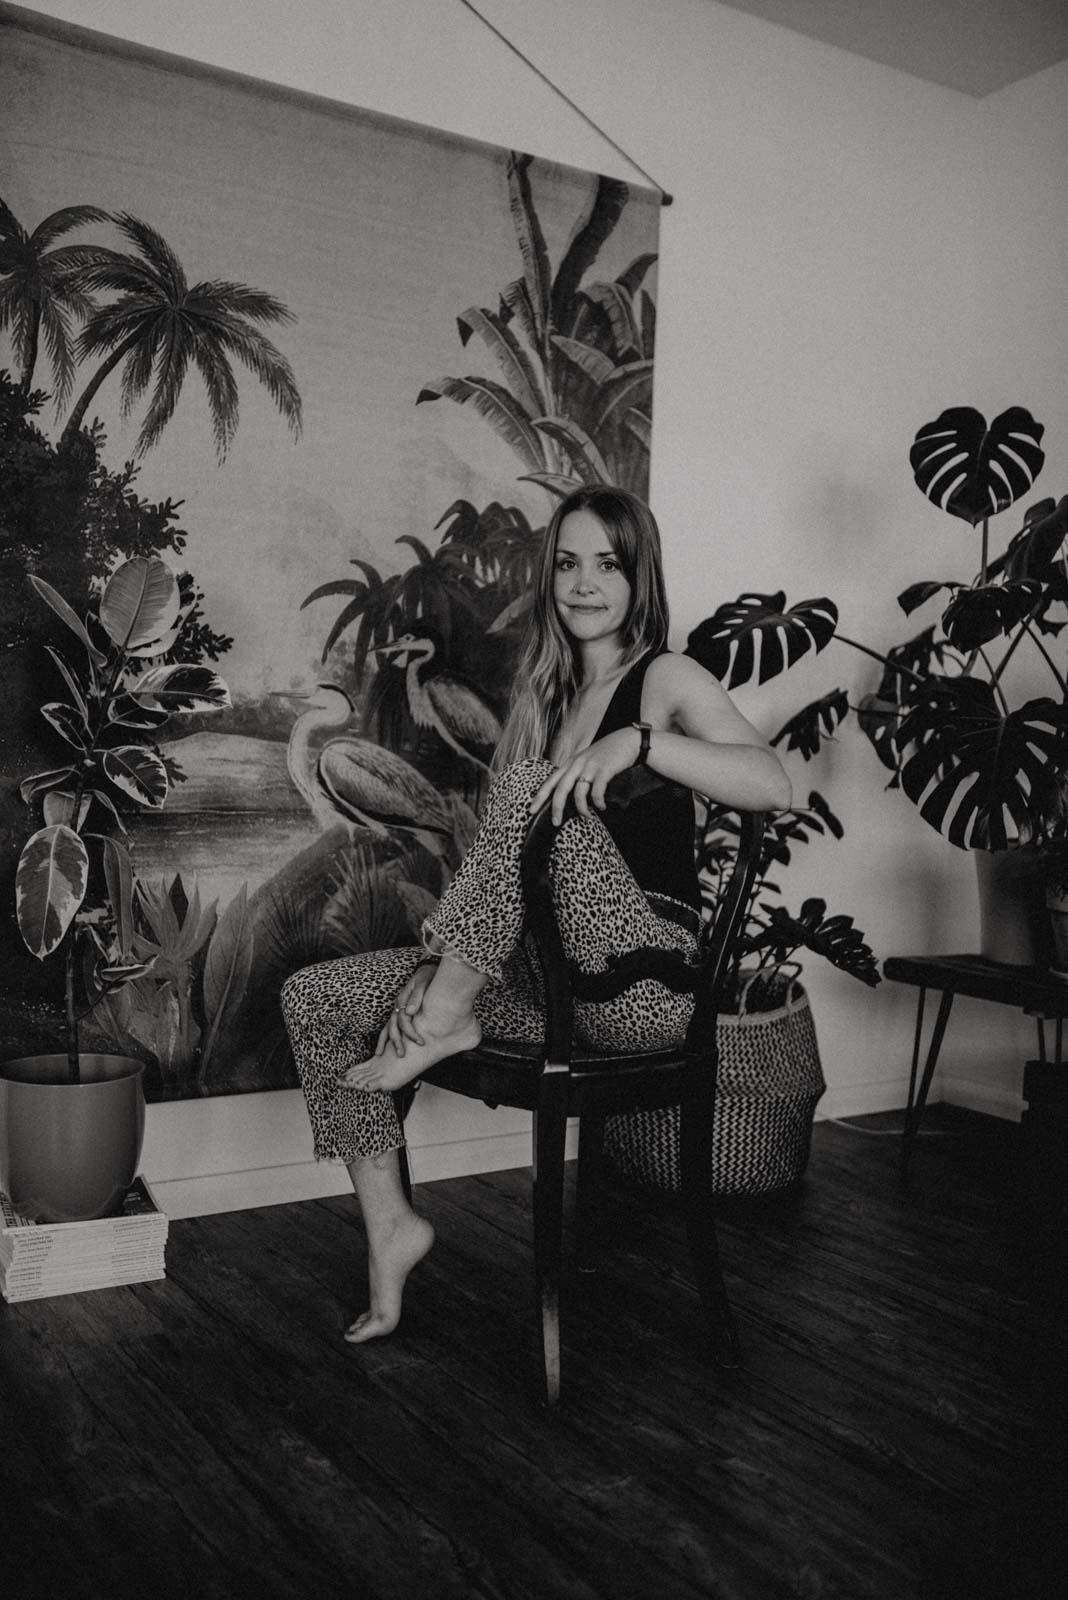 Junge Frau sitzend auf einem Stuhl vor Dschungel Wandbild